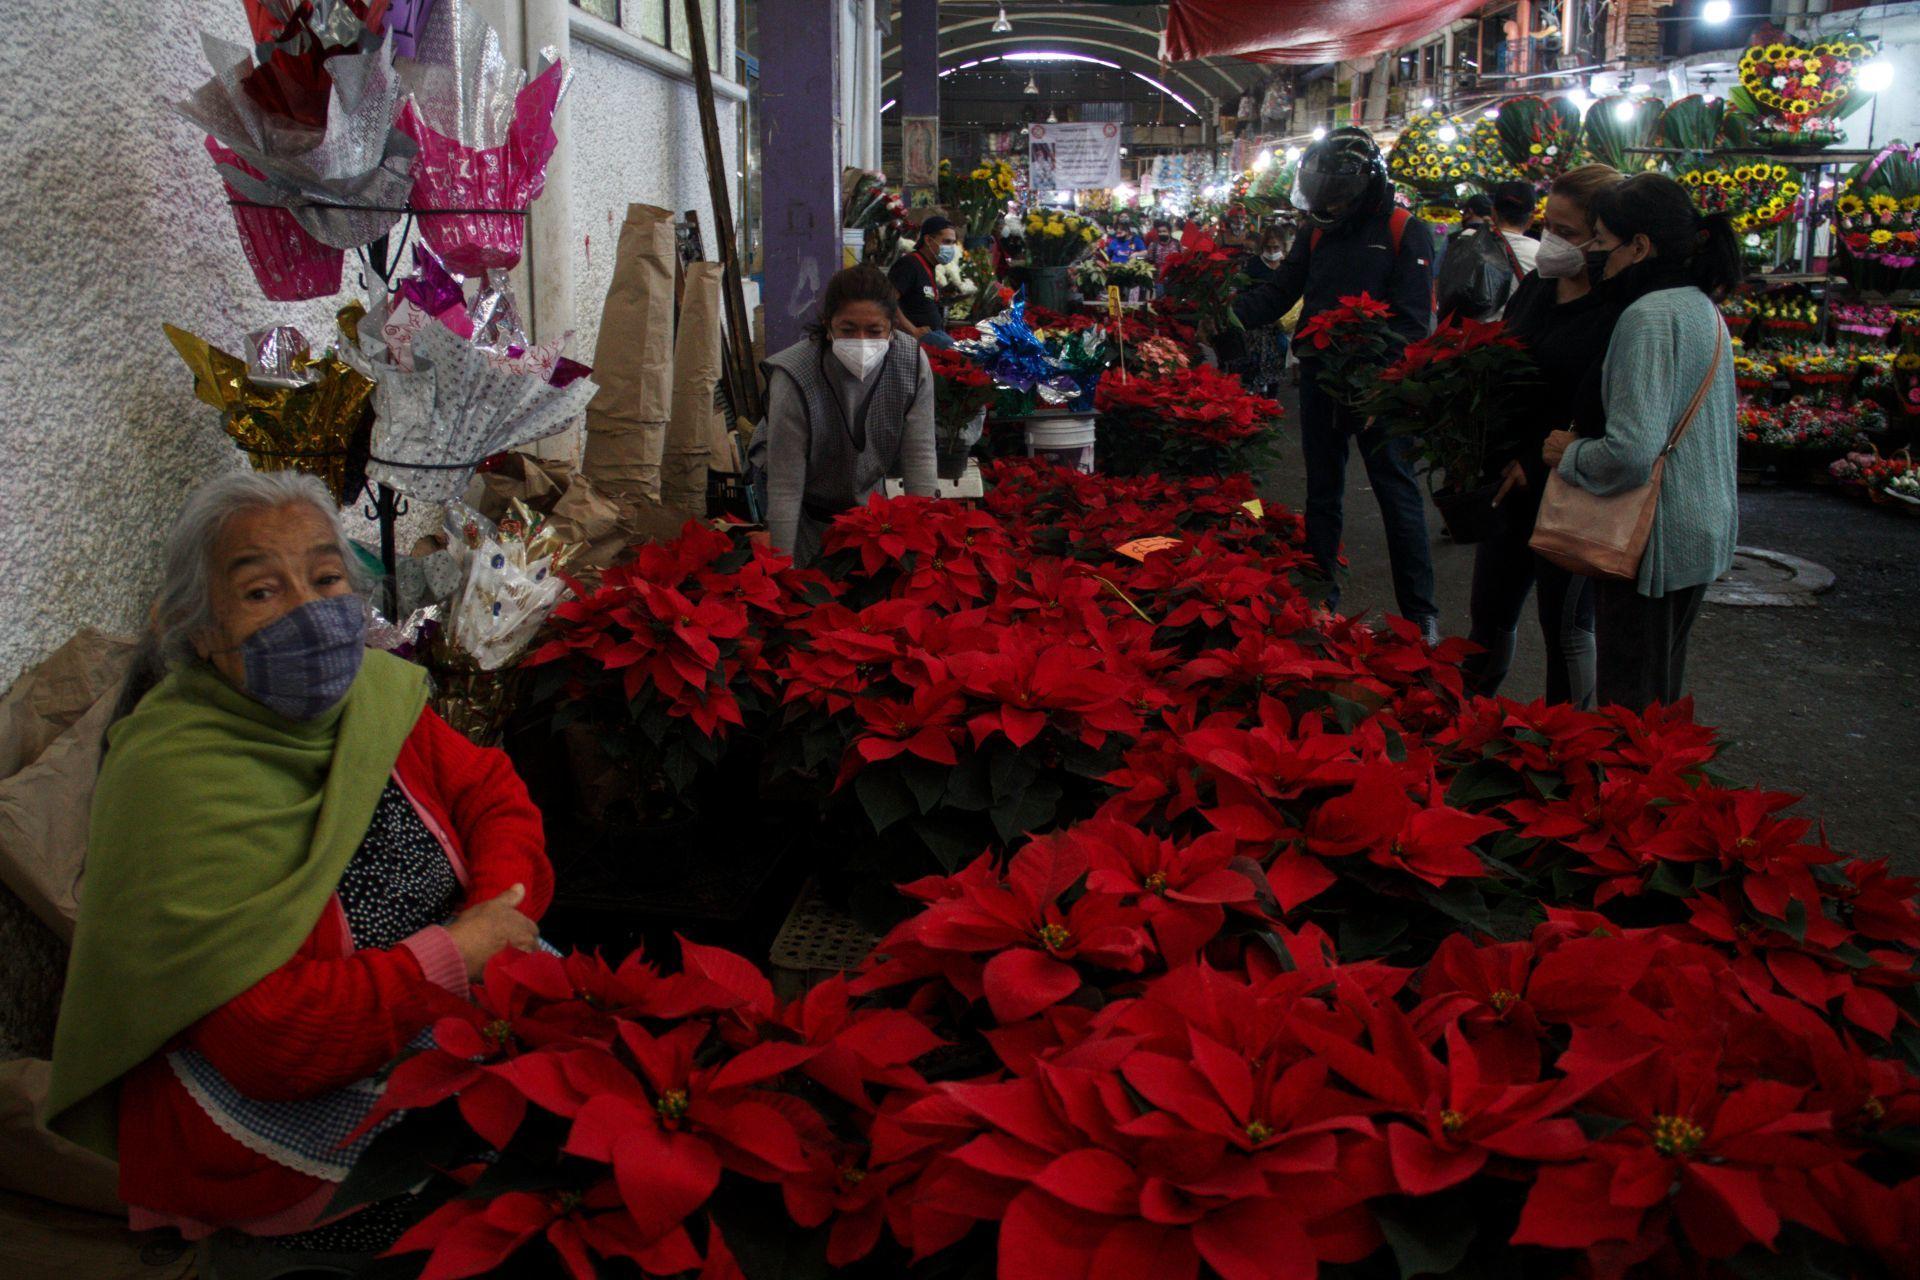 Ciudad de México, 1 de diciembre de 2020.